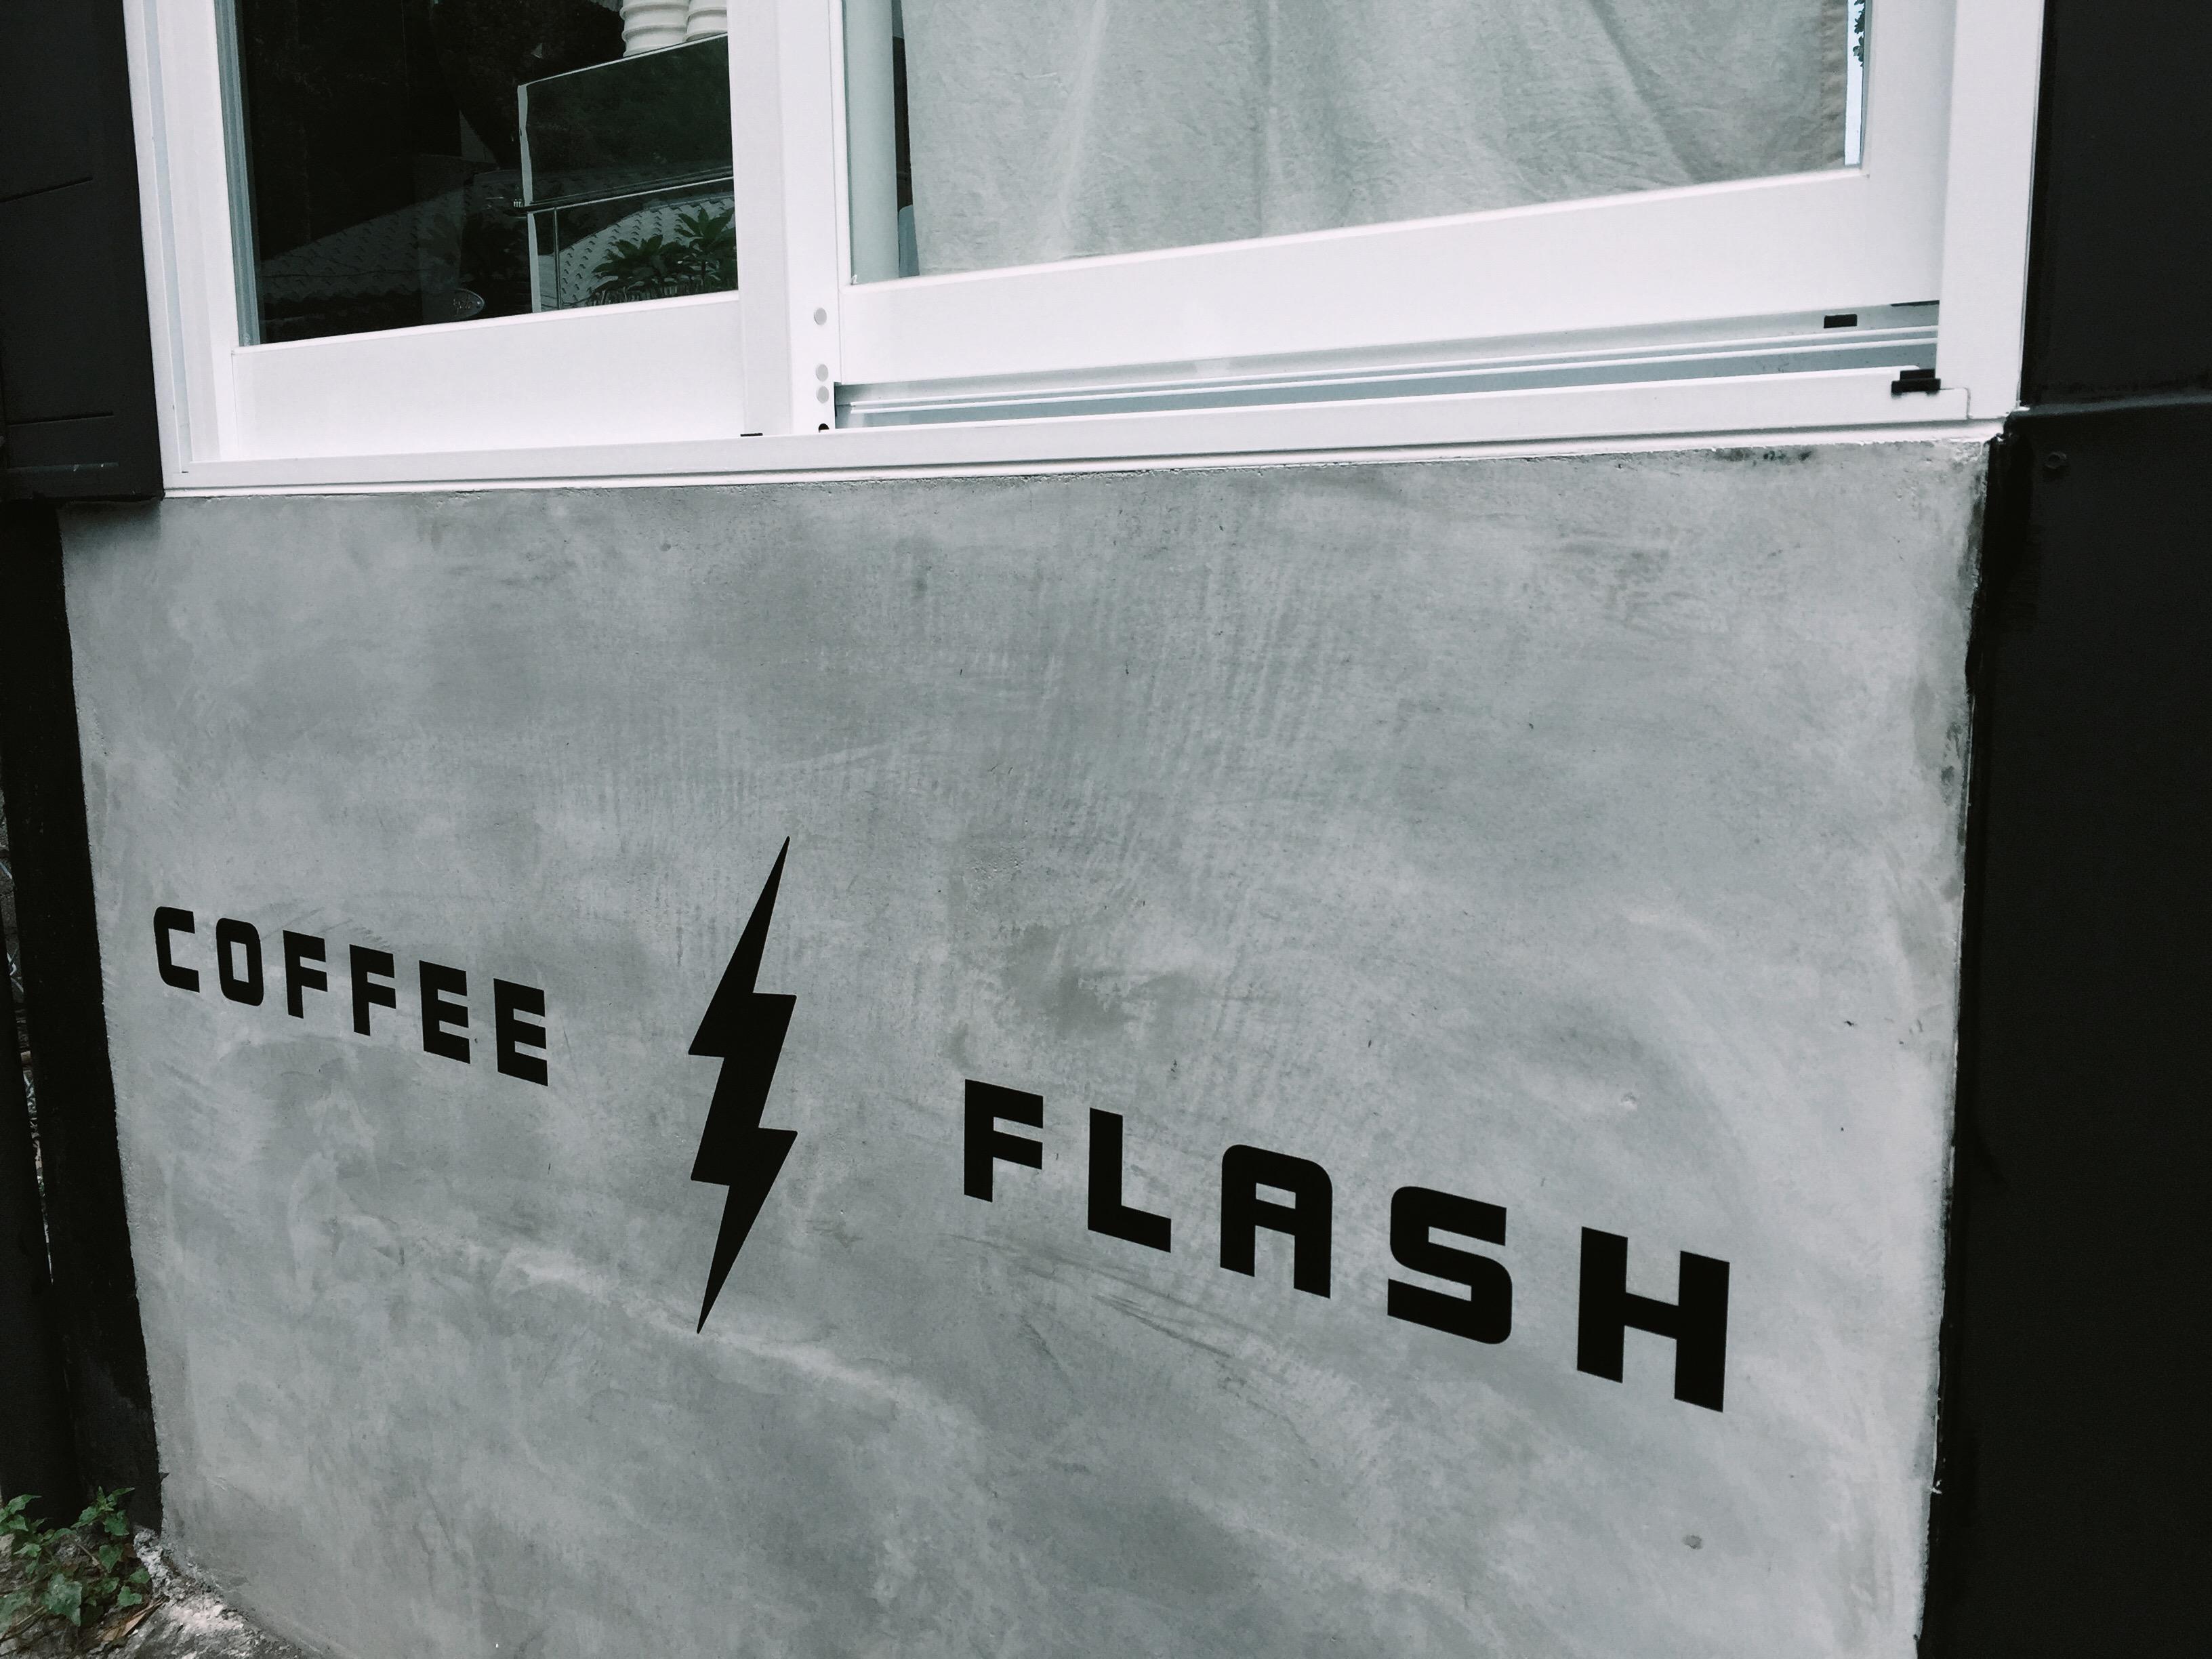 在花蓮市區 Coffee Flash 快閃咖啡,喝一杯音樂家系列 – 莫札特咖啡豆